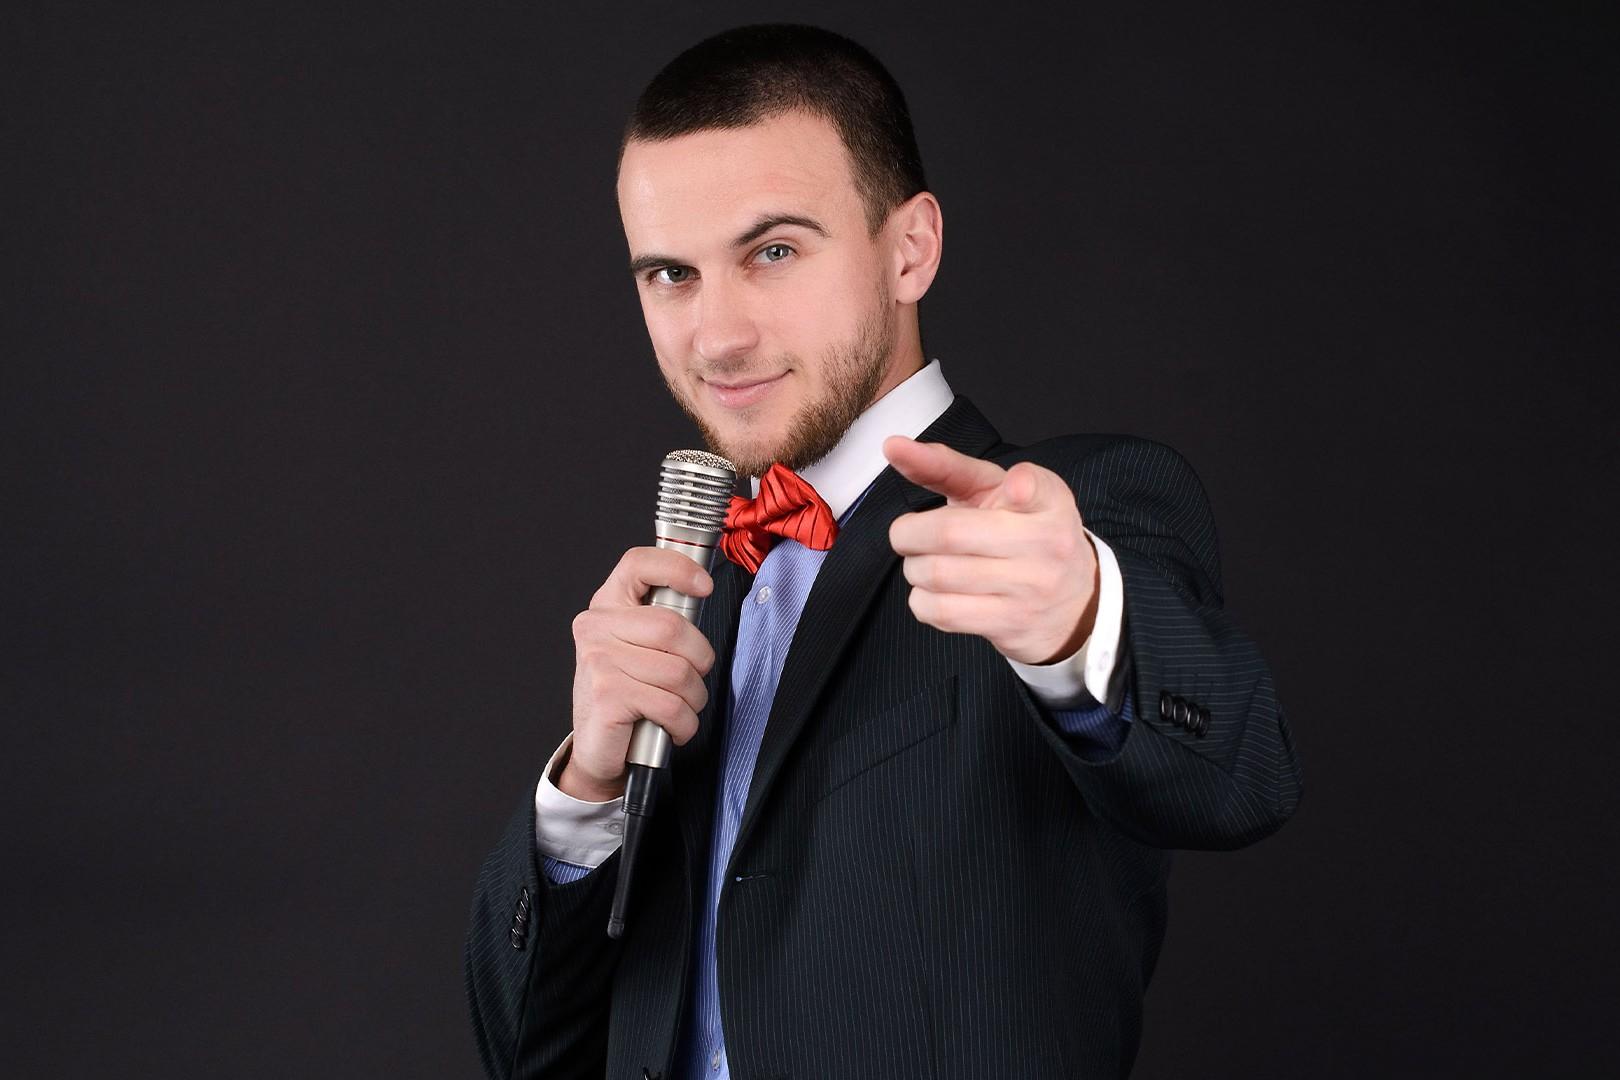 presentatore con microfono